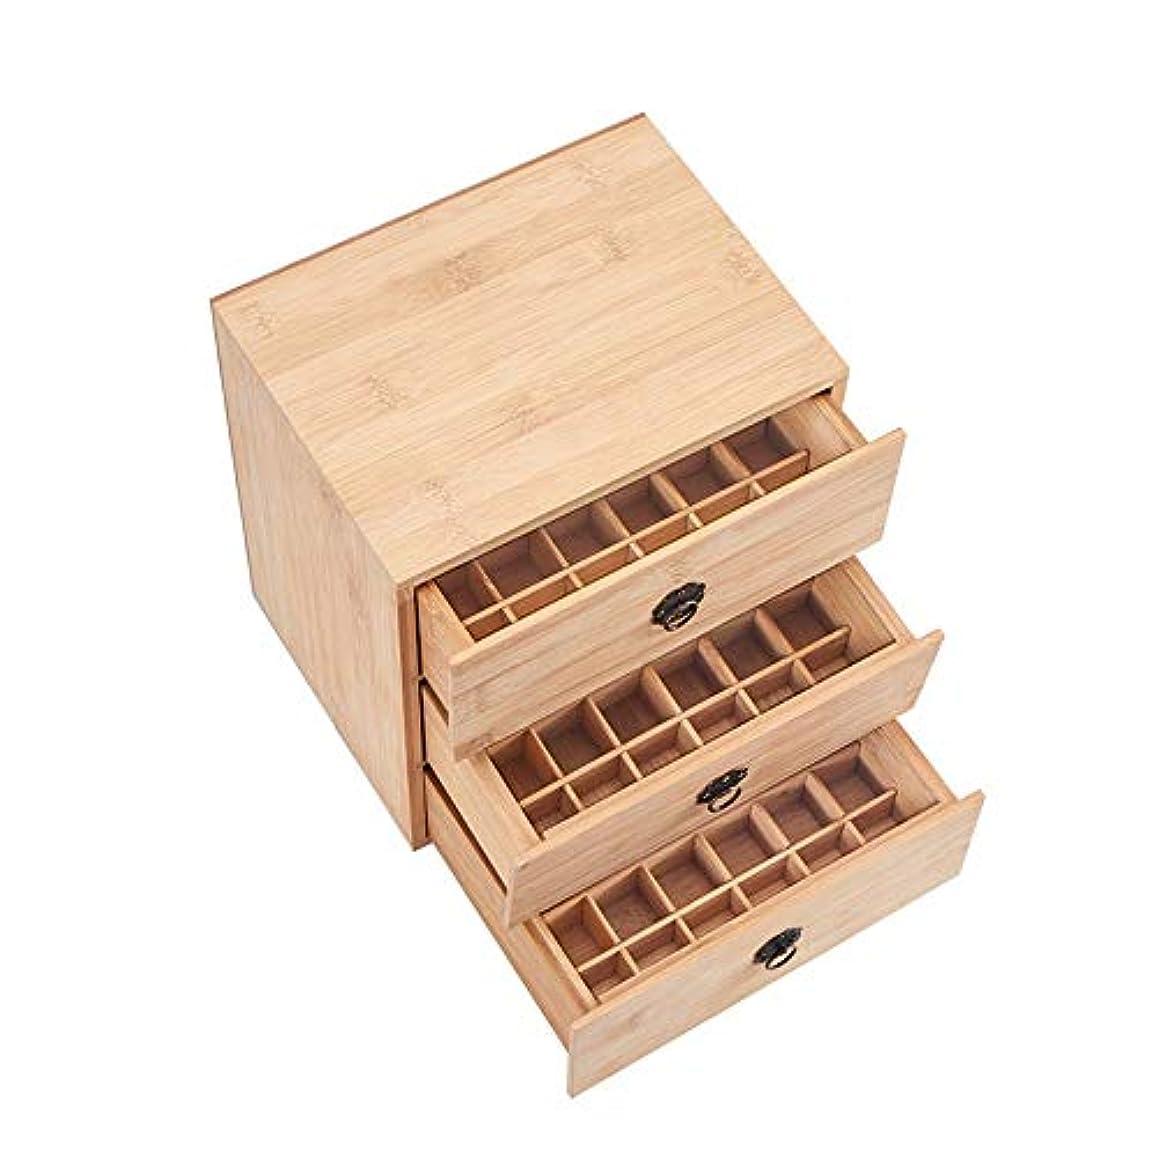 有利窒息させる子羊エッセンシャルオイルボックス レイヤ3 15/10/5ミリリットルボトル入りの天然の竹木のオイルボックス90個のスロット アロマセラピー収納ボックス (色 : Natural, サイズ : 24.5X20X26CM)